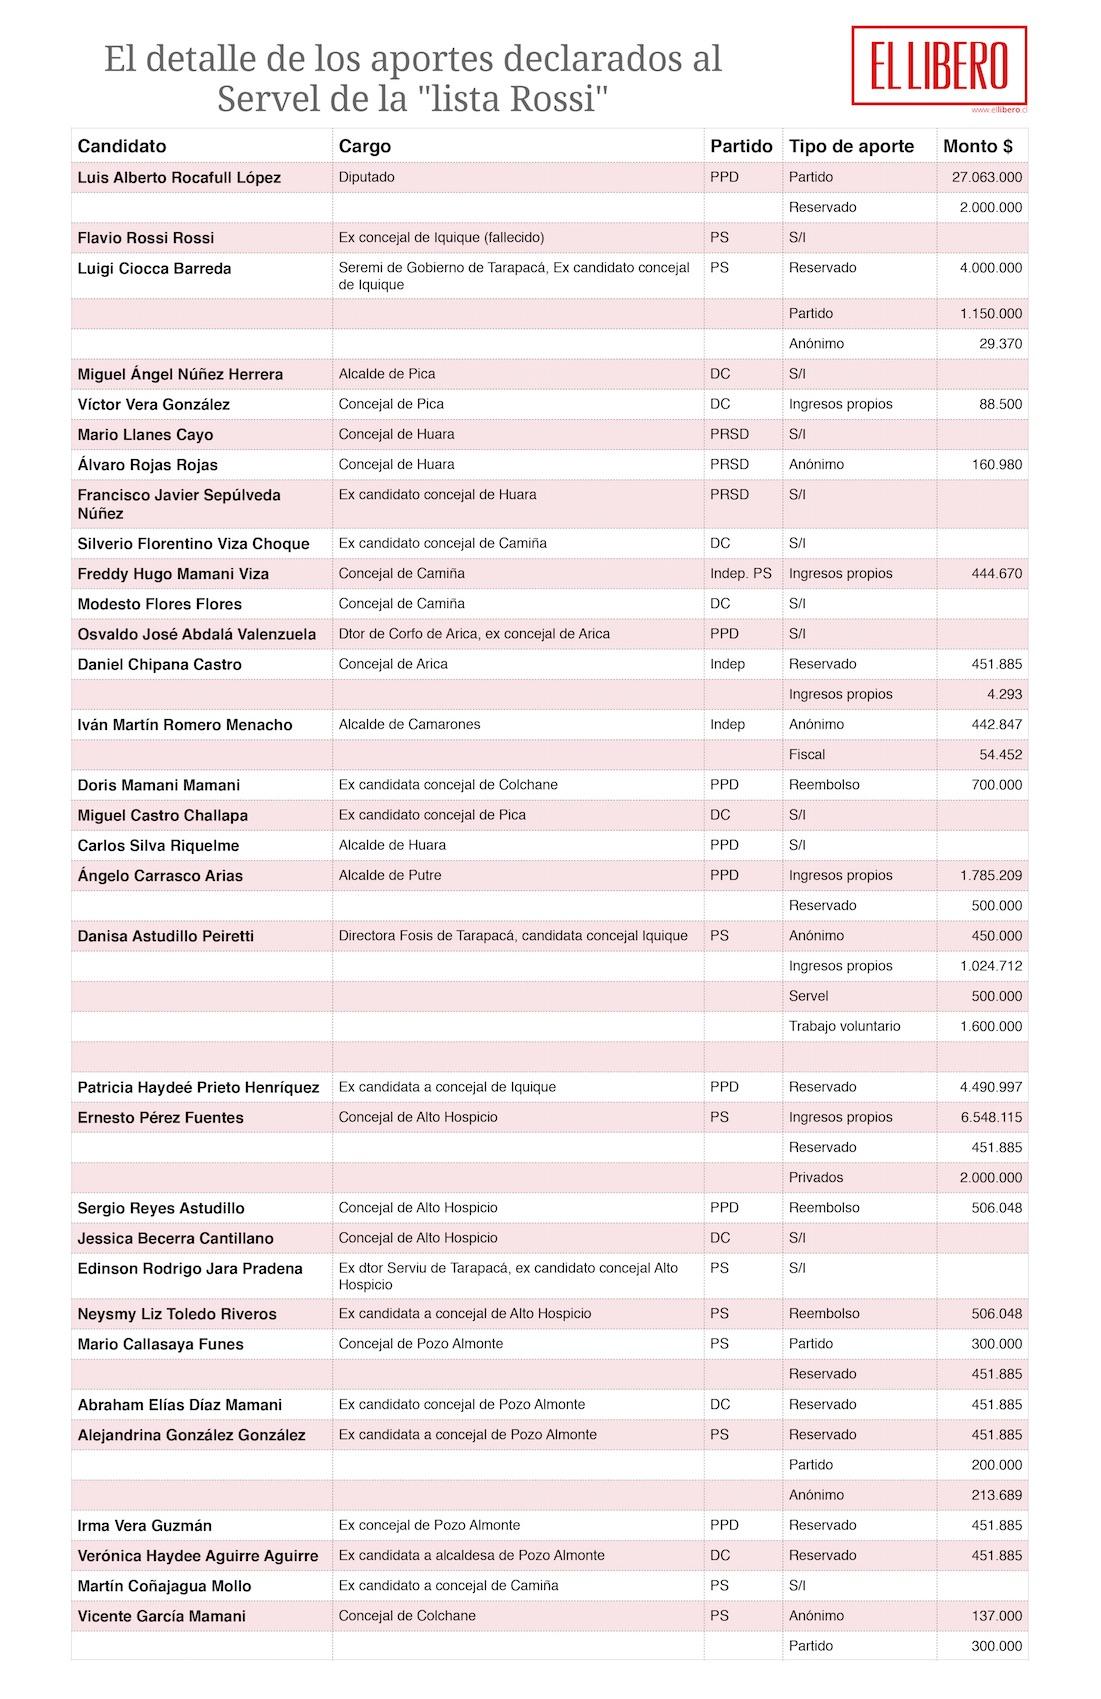 La «lista de Rossi»: Sólo un tercio de los candidatos recibió aportes reservados